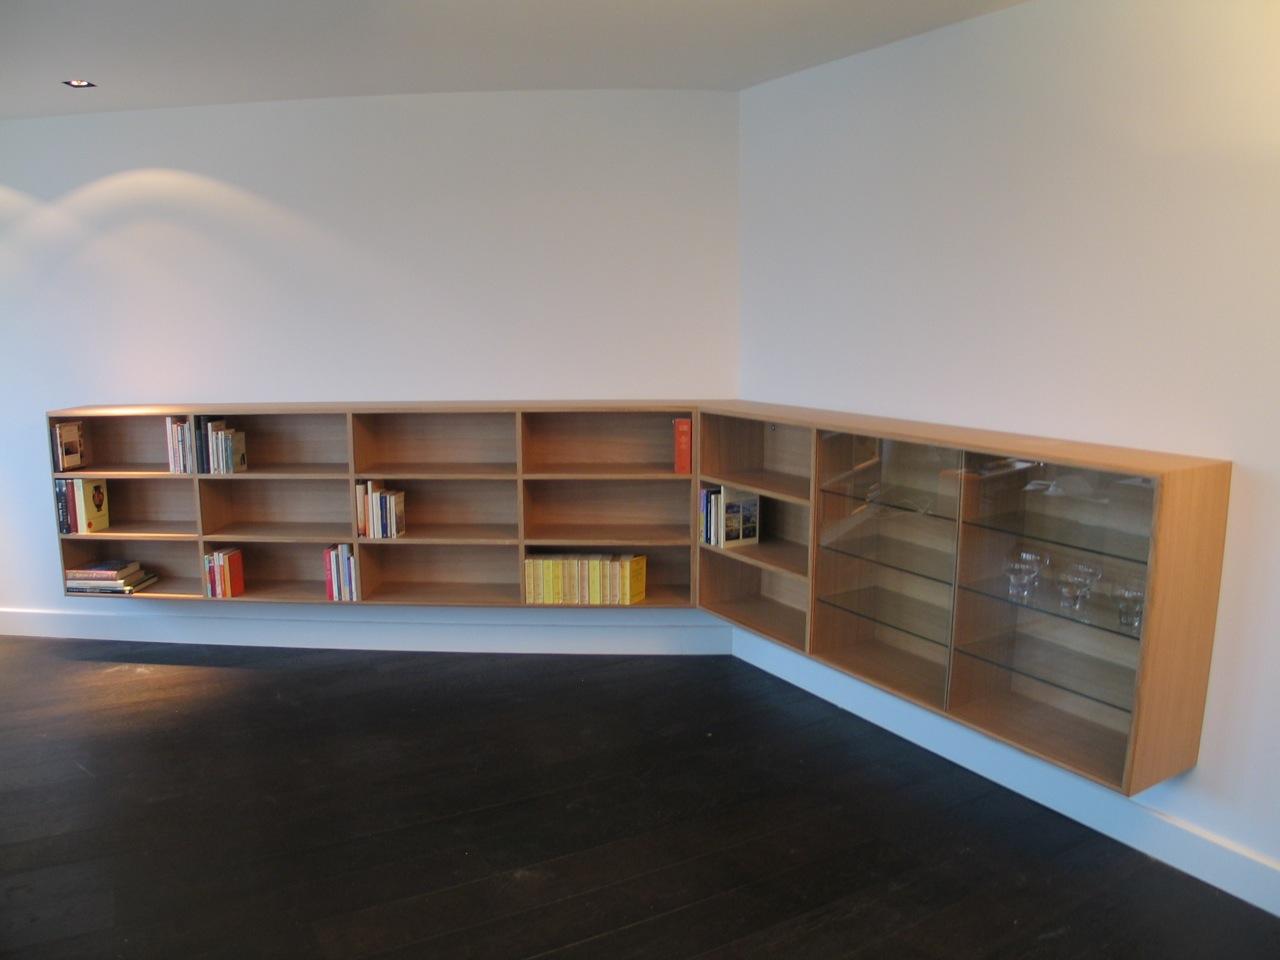 Zwevende Kast Keuken : in een schuine hoek. Het rechterdeel van de kast heeft glazen deuren